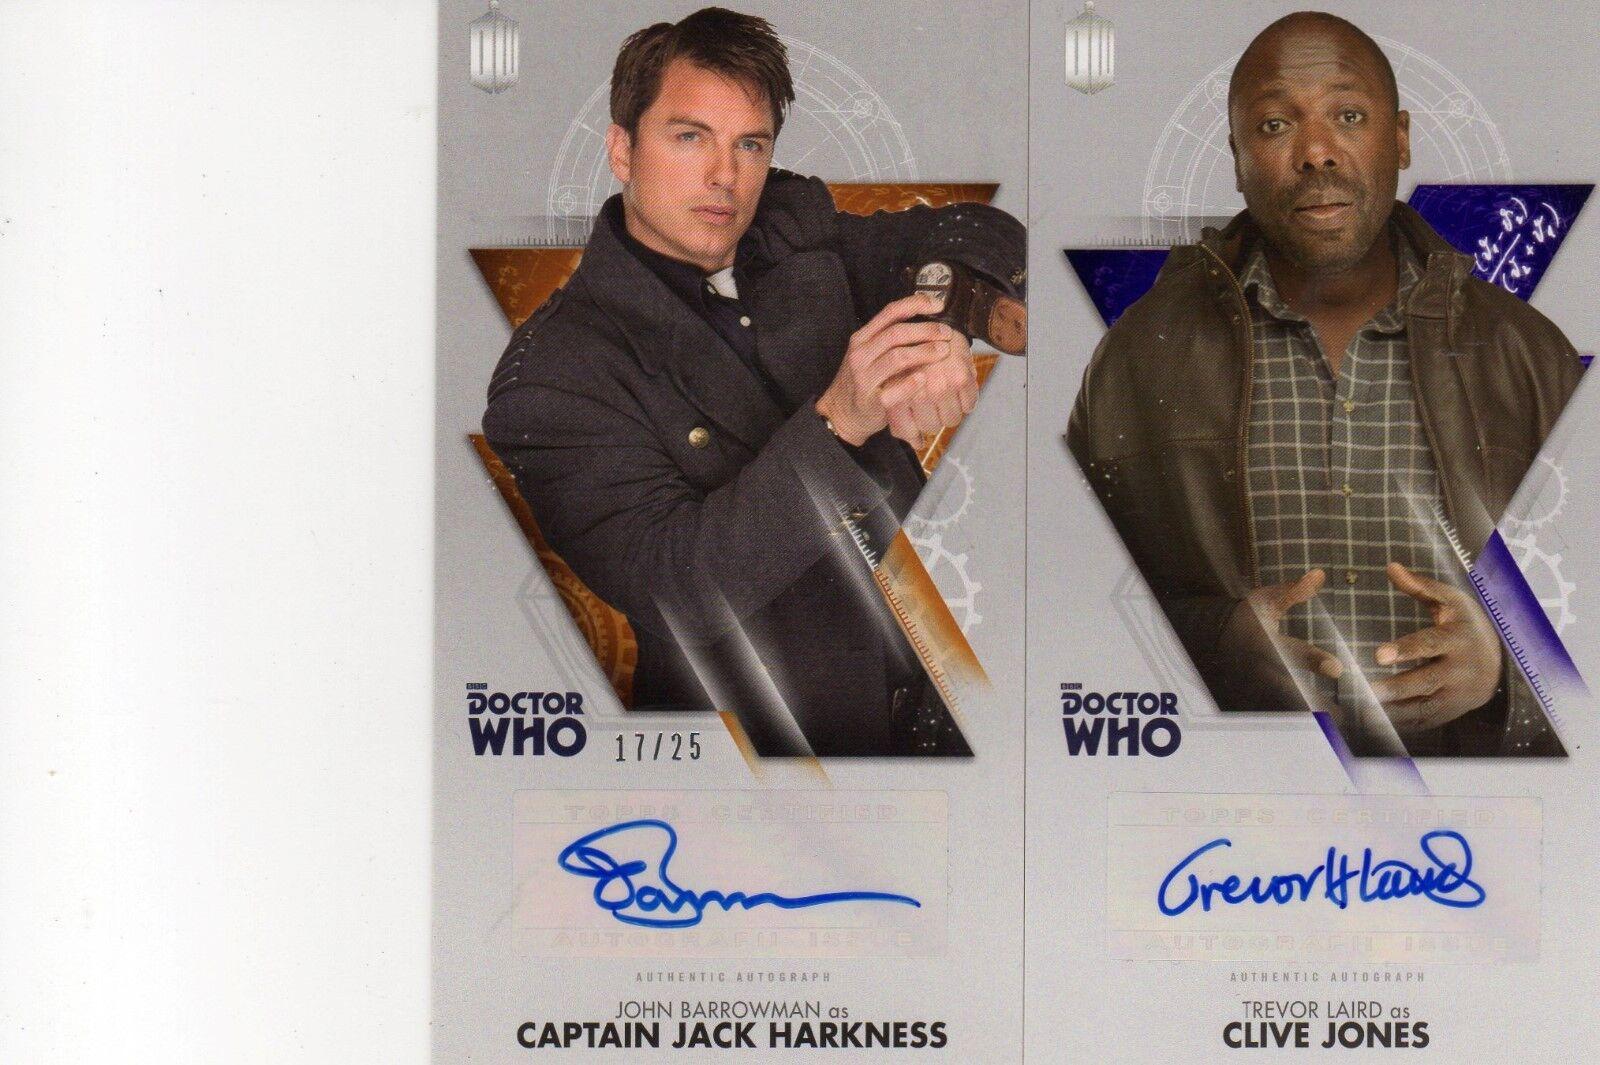 Doctor Who Décimo Doctor aventuras 2 autógrafos Topps + 88 Juego de Tarjetas 1347 1500